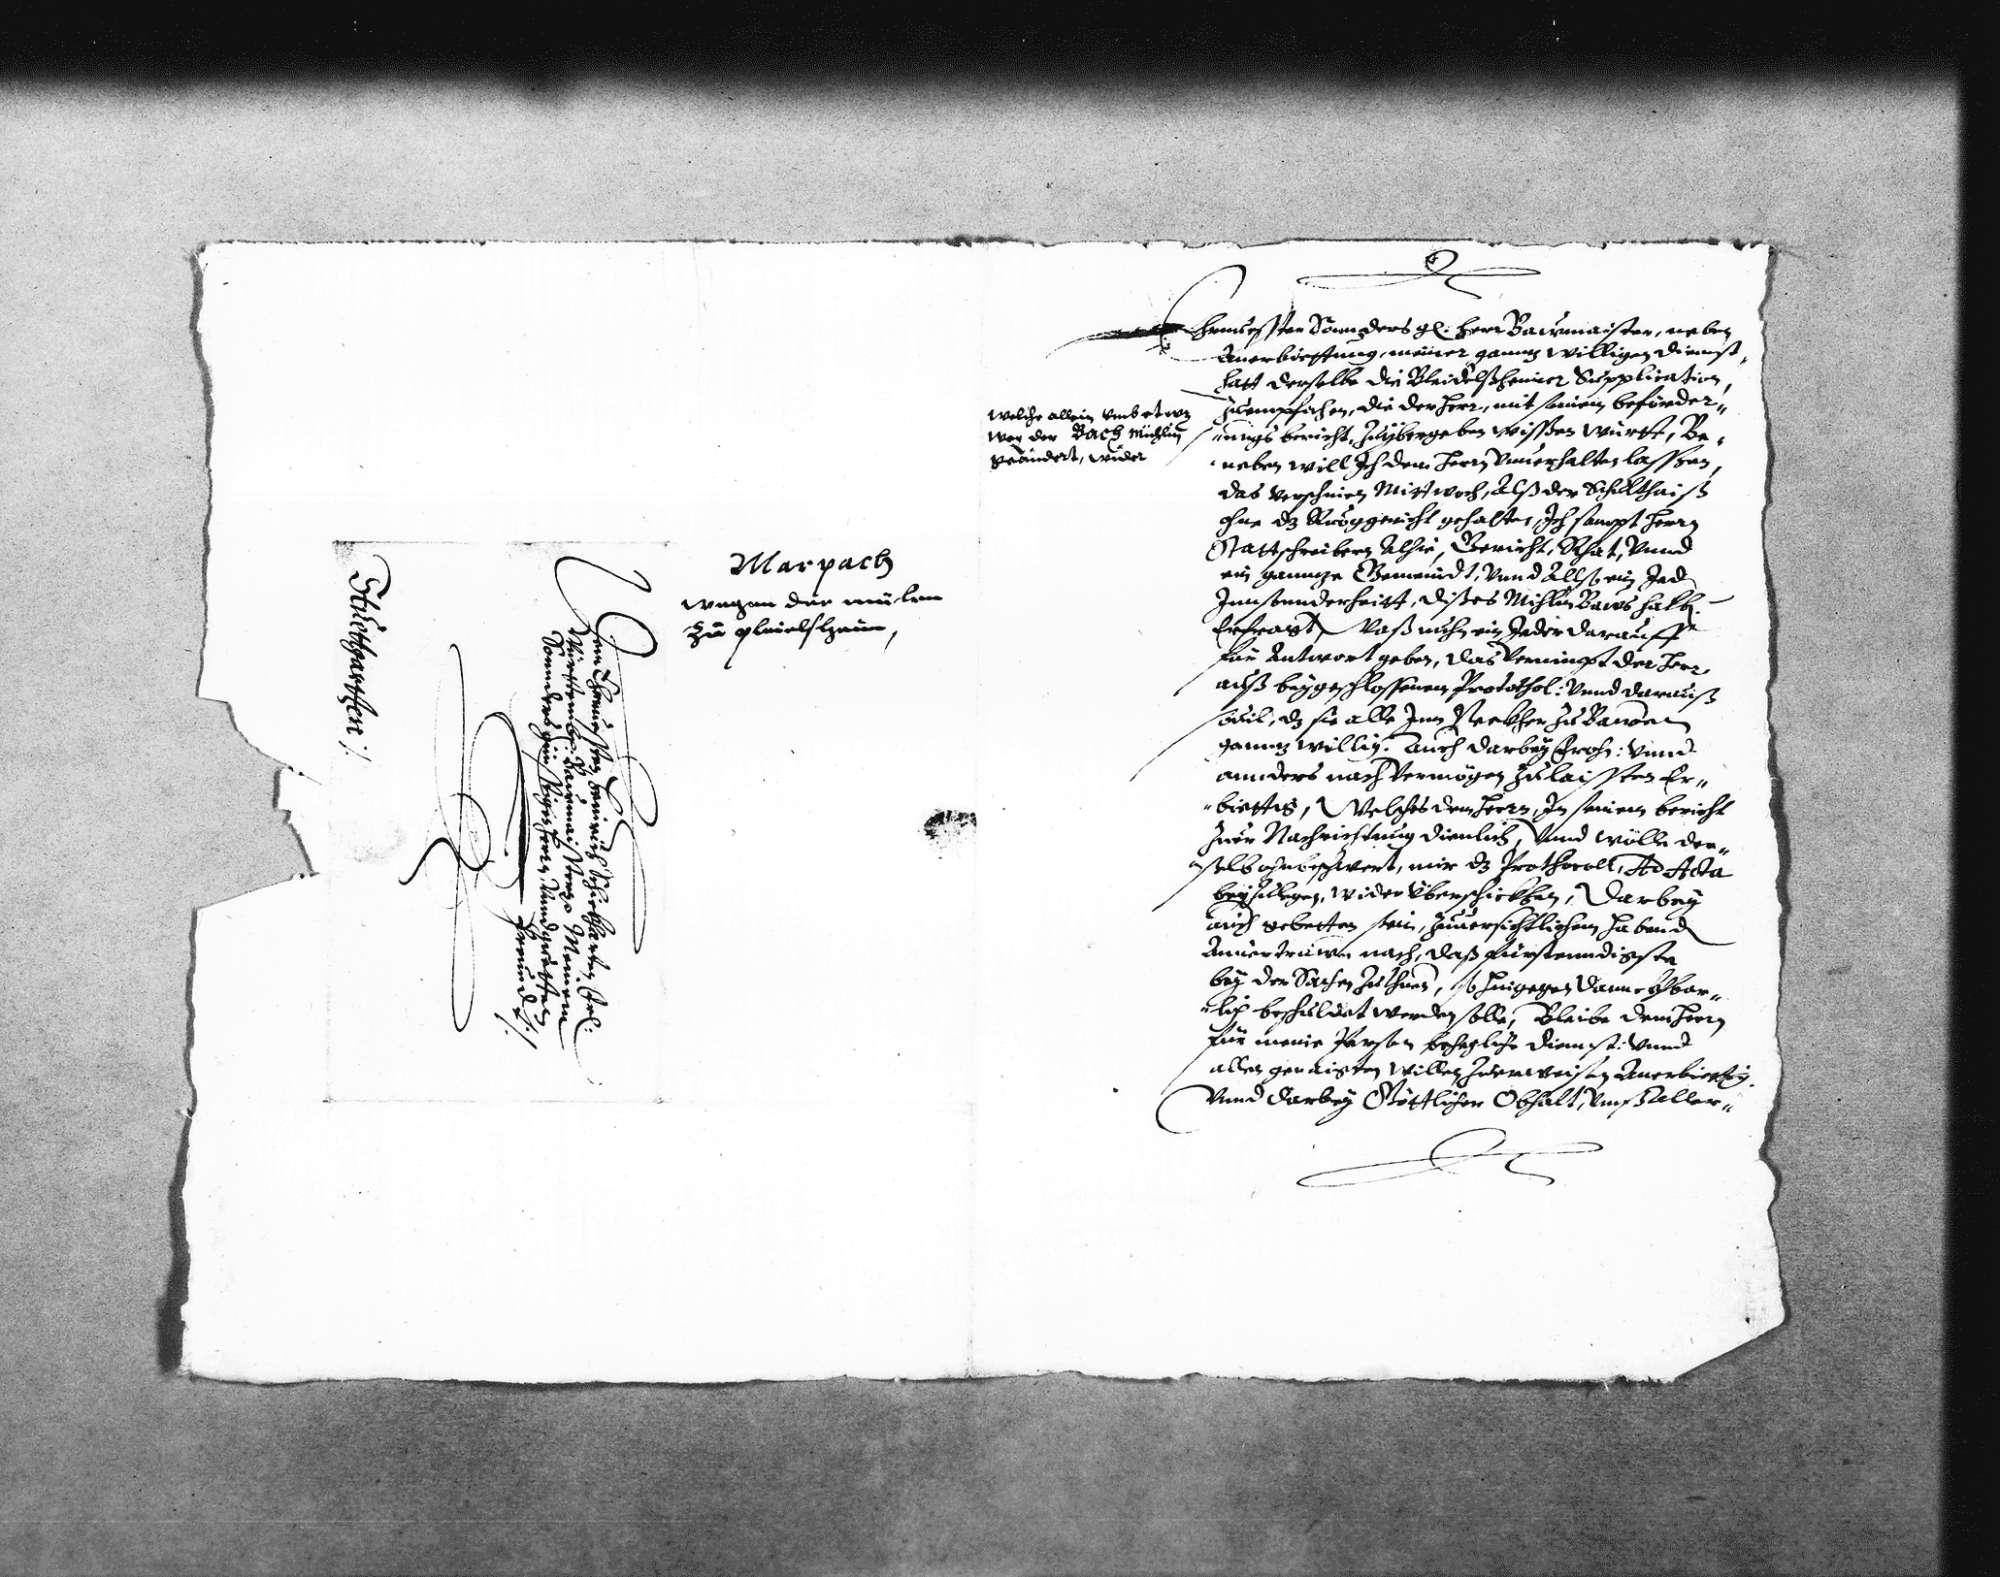 Zwei Schreiben von Josias Spoun, Untervogt in Marbach, zur Beschwerde der Ingersheimer wegen der geplanten Mühle, 21. November 1618, 20. Februar 1619 (2 Folio Doppelblatt); dazu Aufzeichnungen Schickhardts über die Rechtslage zwischen Großingersheim und Pleidelsheim (Folio Doppelblatt), mit Verweis auf den Abriss No. 1 und 2; Auflistung des Holzbedarfs, mit Notiz zur Bezahlung von Kilian Kesenbrot für seine Arbeiten an der Mühle, 3. August 1619 (Folio), Bild 3